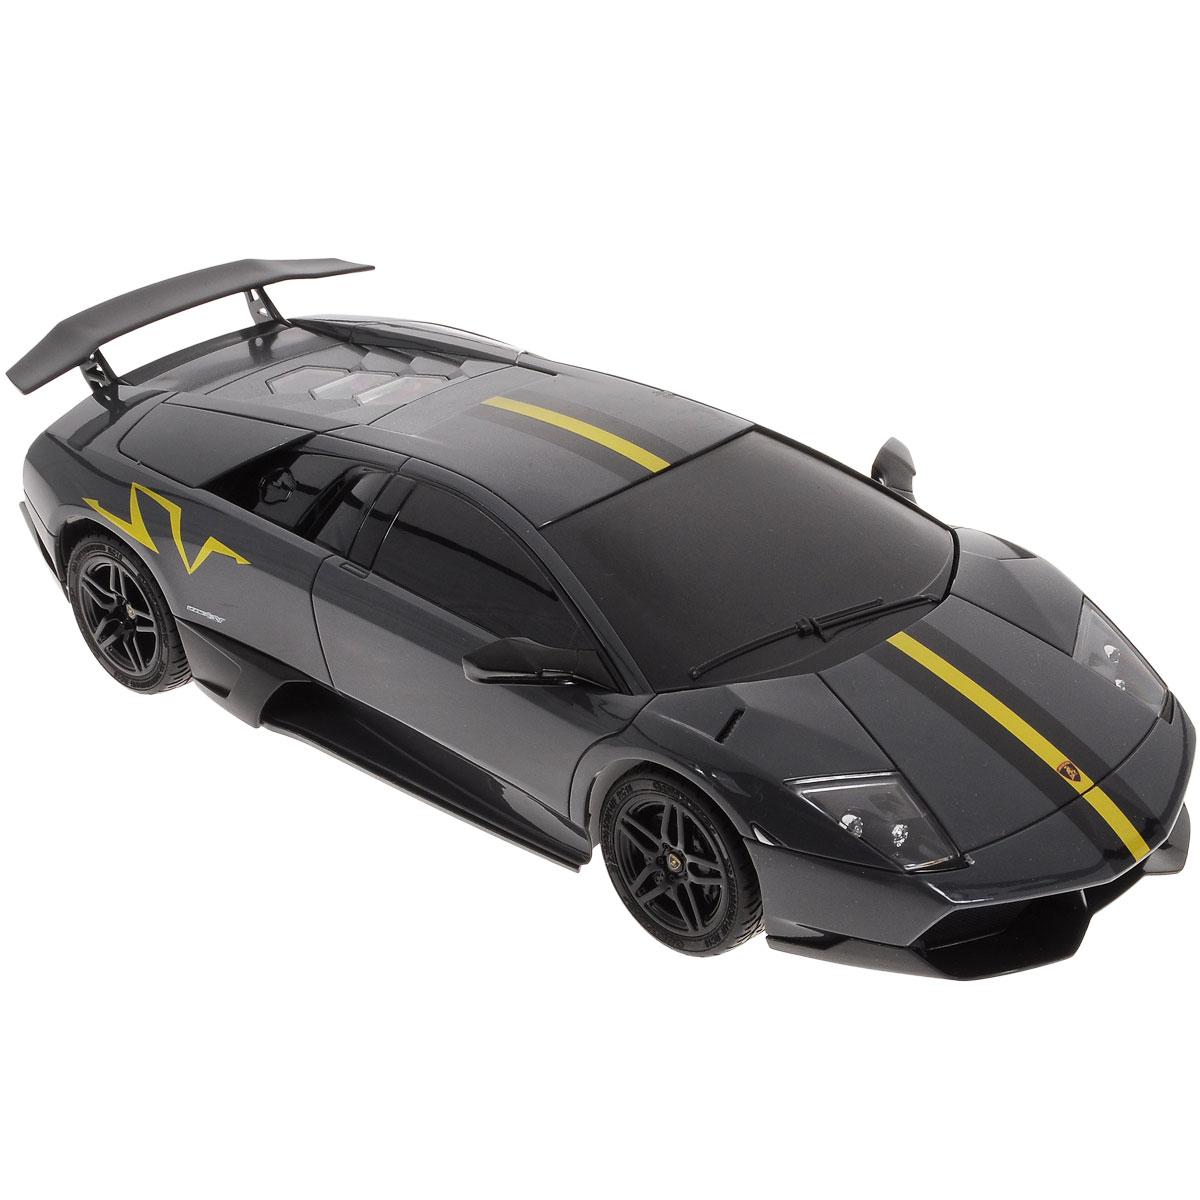 1Toy Радиоуправляемая модель Top Gear: Lamborghini Murcielago LP670-4, цвет: черный модель автомобиля lamborghini murcielago lp670 4 масштаб 1 43 39500